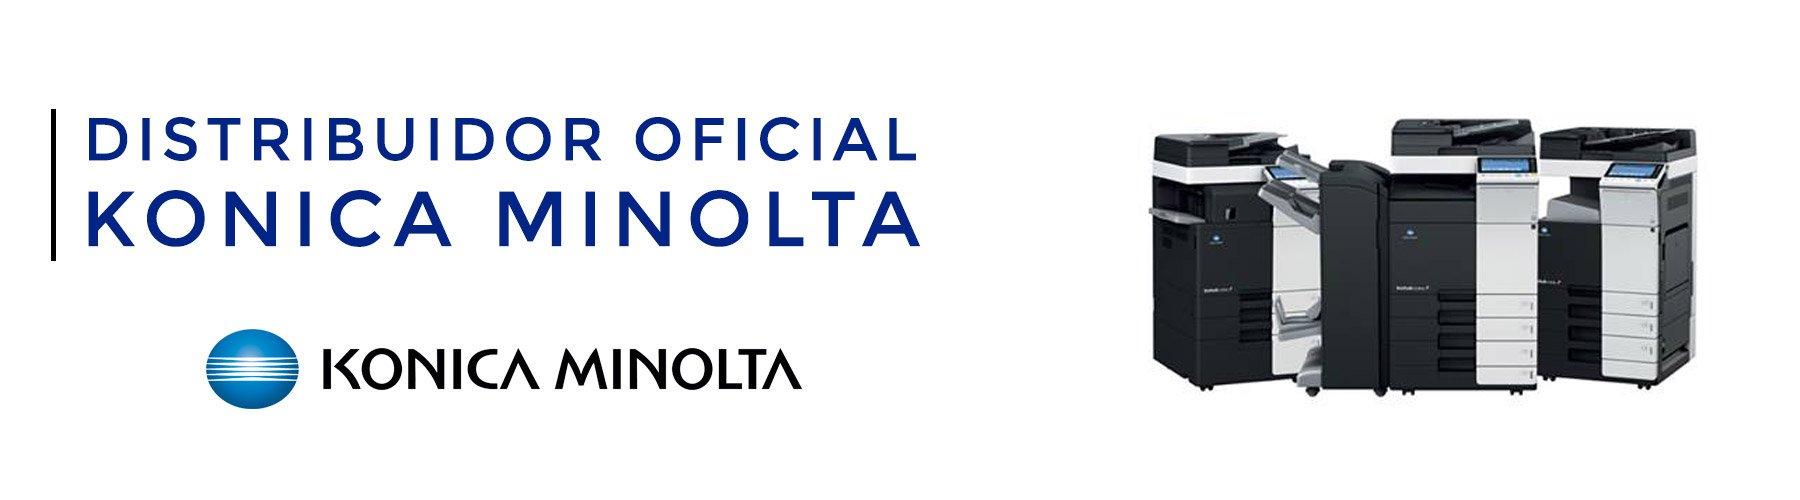 fotocopiadoras Konica Minolta en huelva